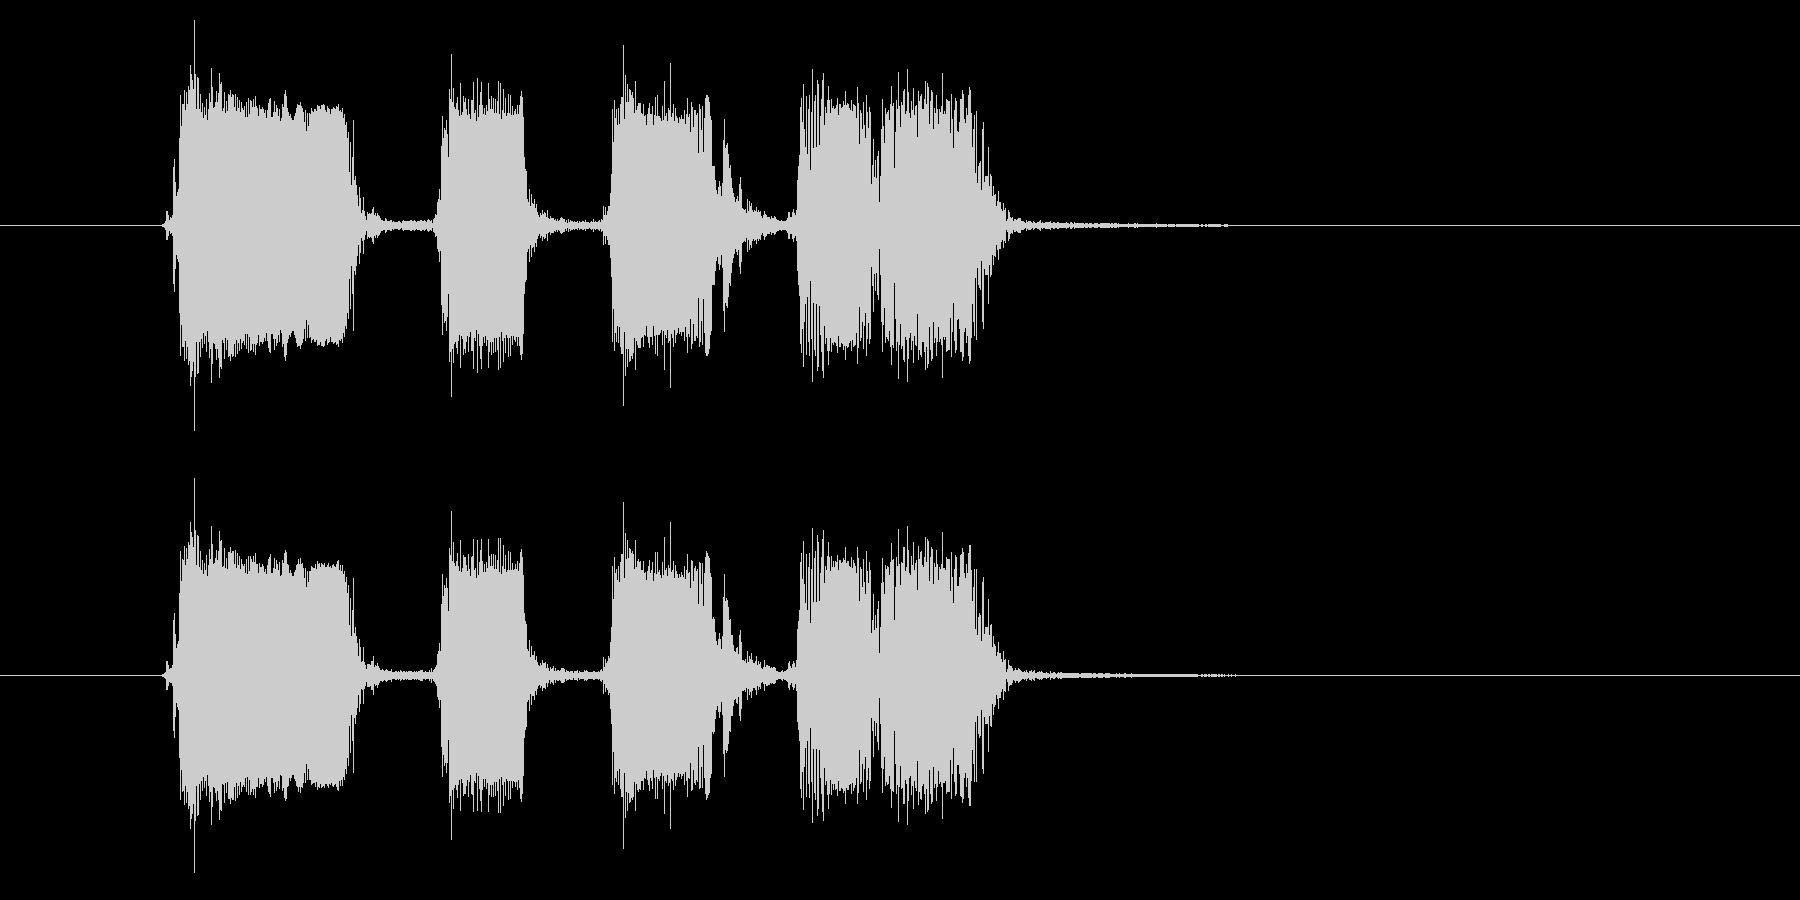 リズミカルギター音(弦、弾く)の未再生の波形